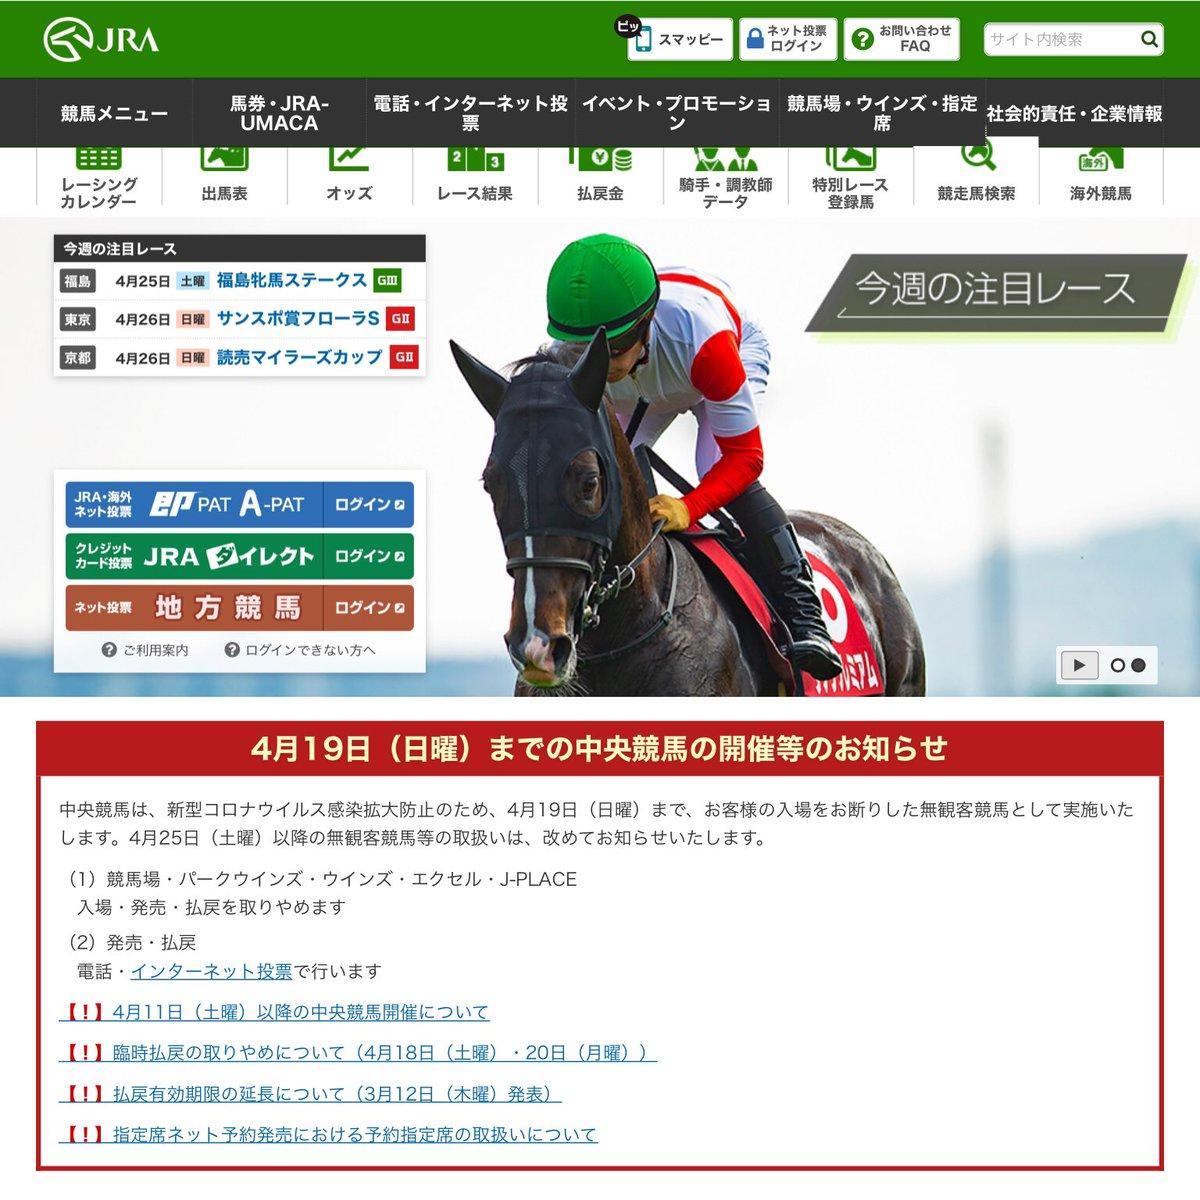 競馬 ホームページ 中央